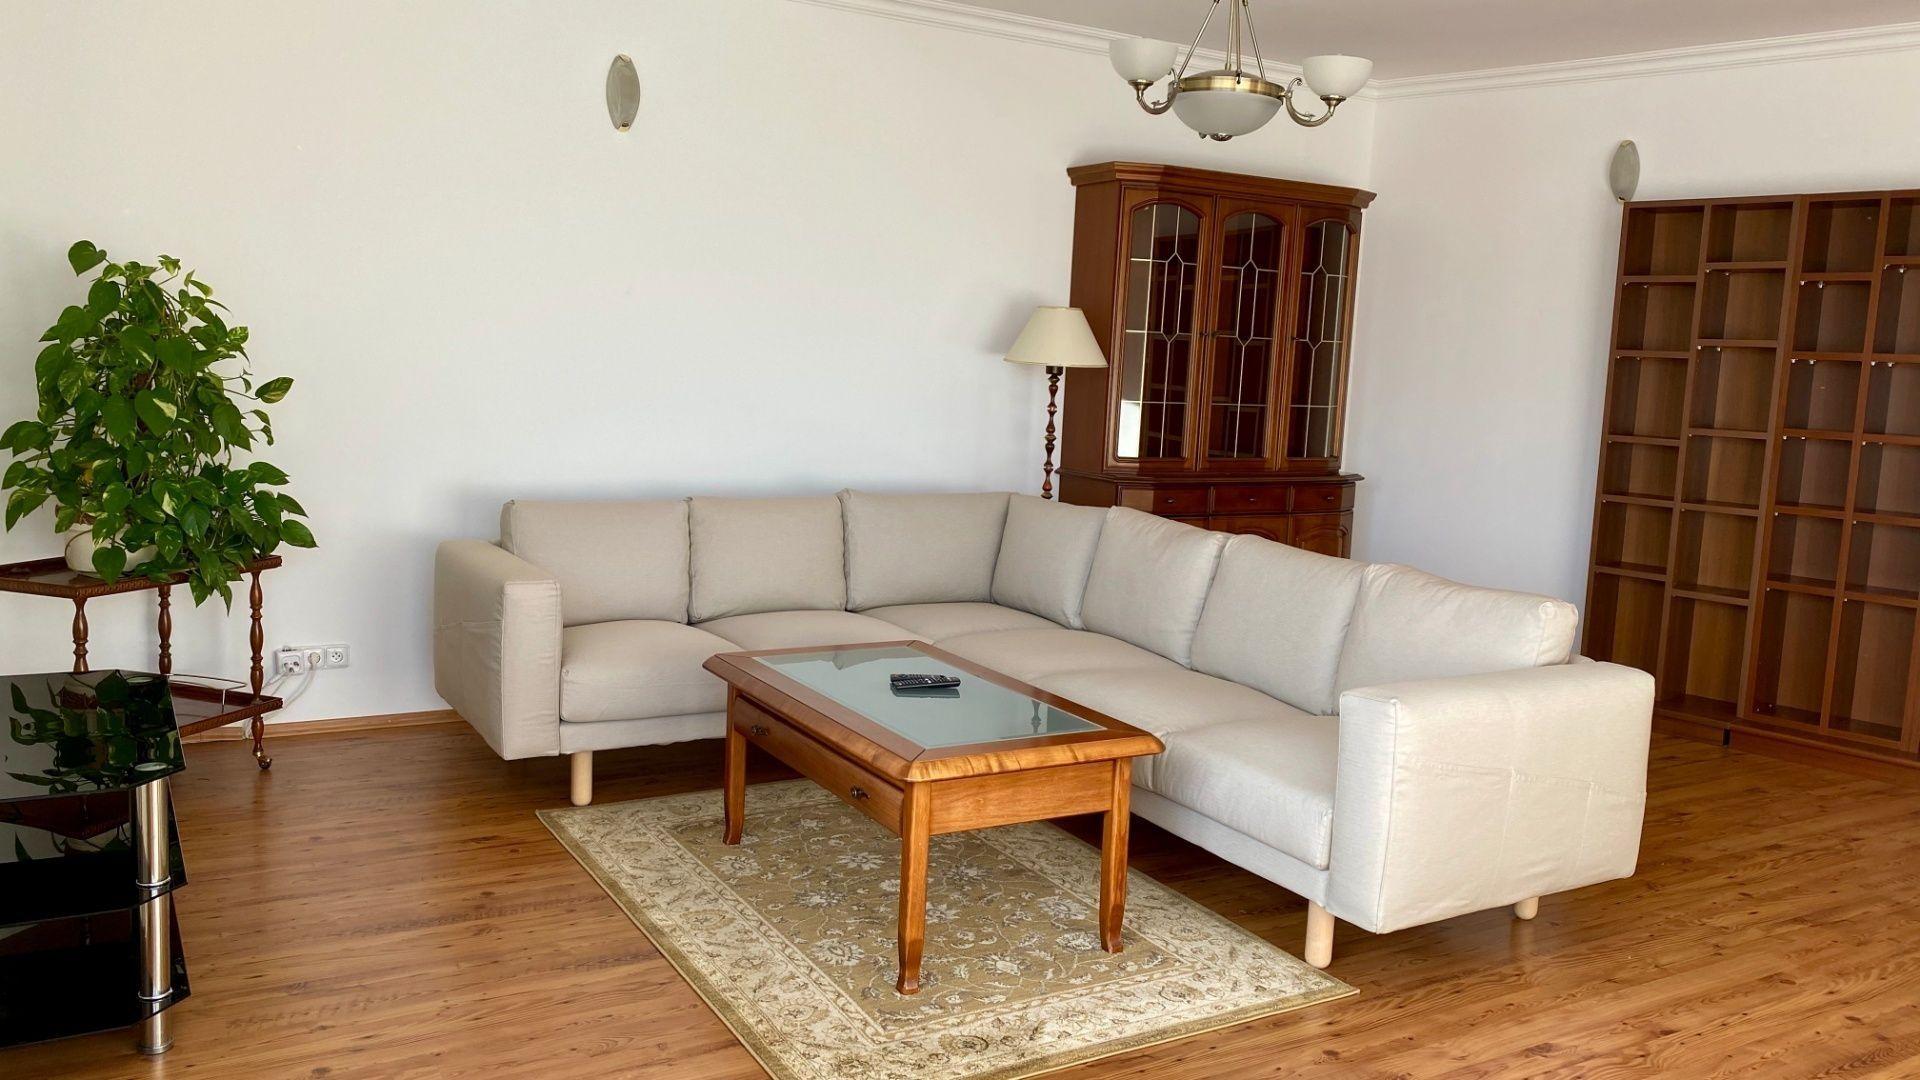 Iný-Predaj-Bratislava - mestská časť Ružinov-410000.00 €